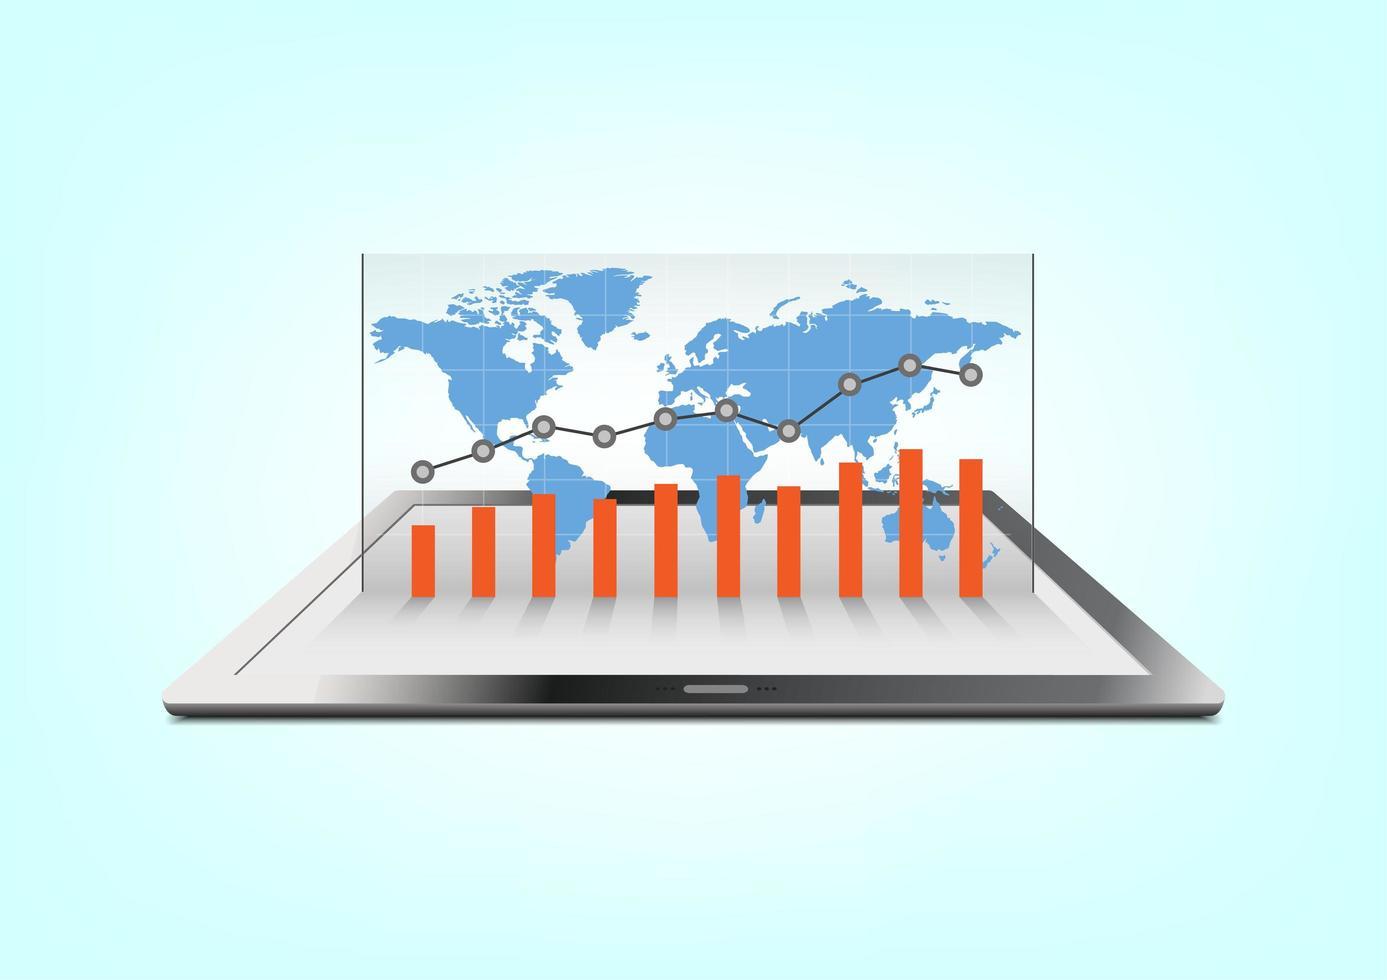 globales Geschäftsdiagramm auf Tablette vektor